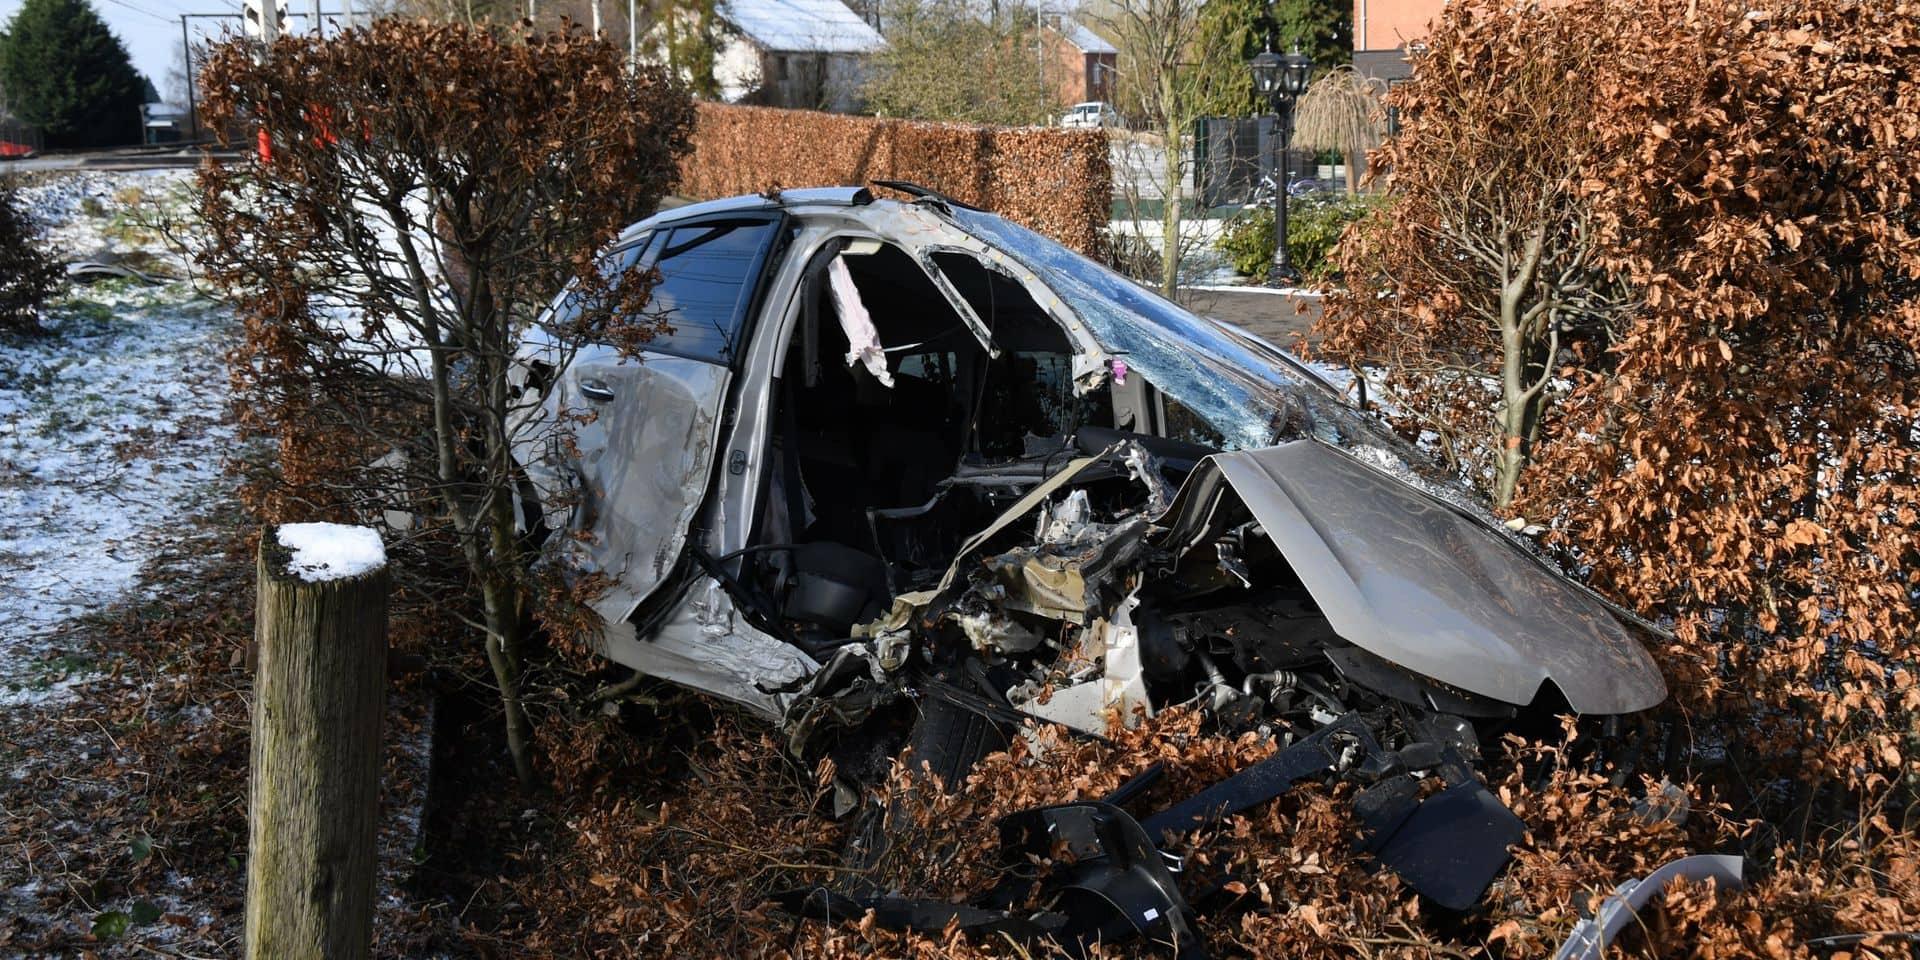 Toujours trop d'accidents sur les routes wallonnes, l'AWSR lance sa nouvelle campagne